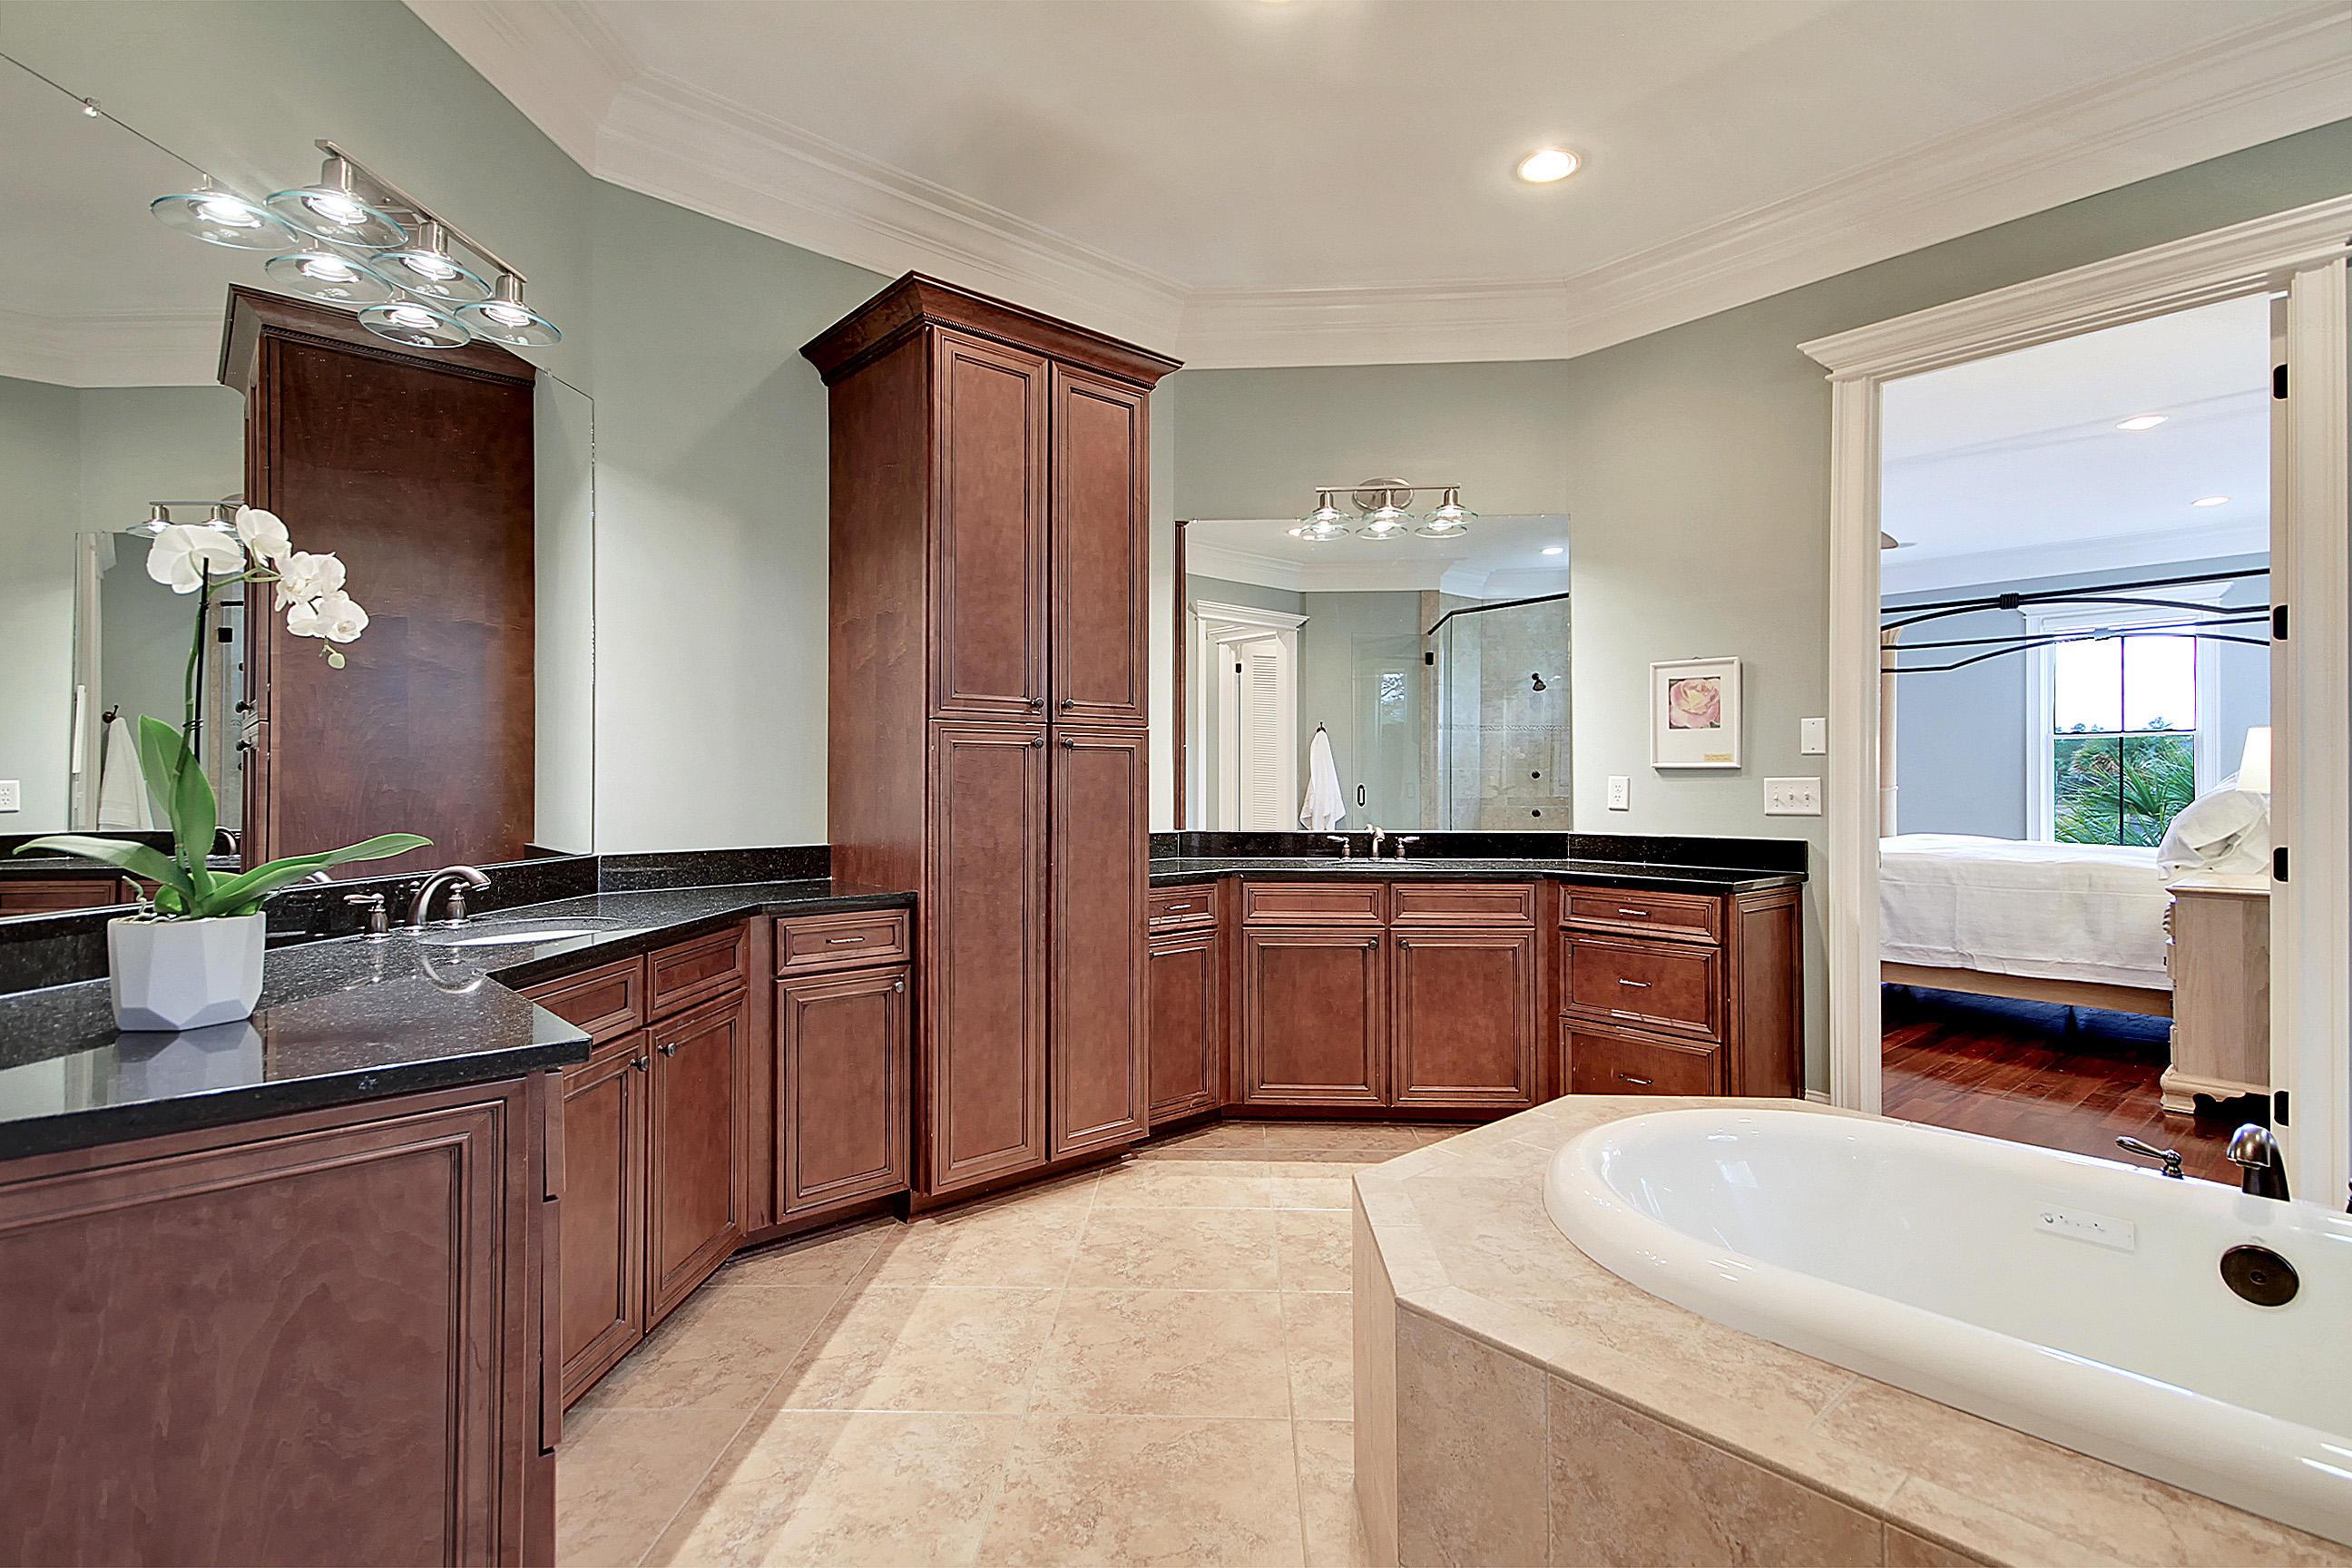 Park West Homes For Sale - 3940 Ashton Shore, Mount Pleasant, SC - 21